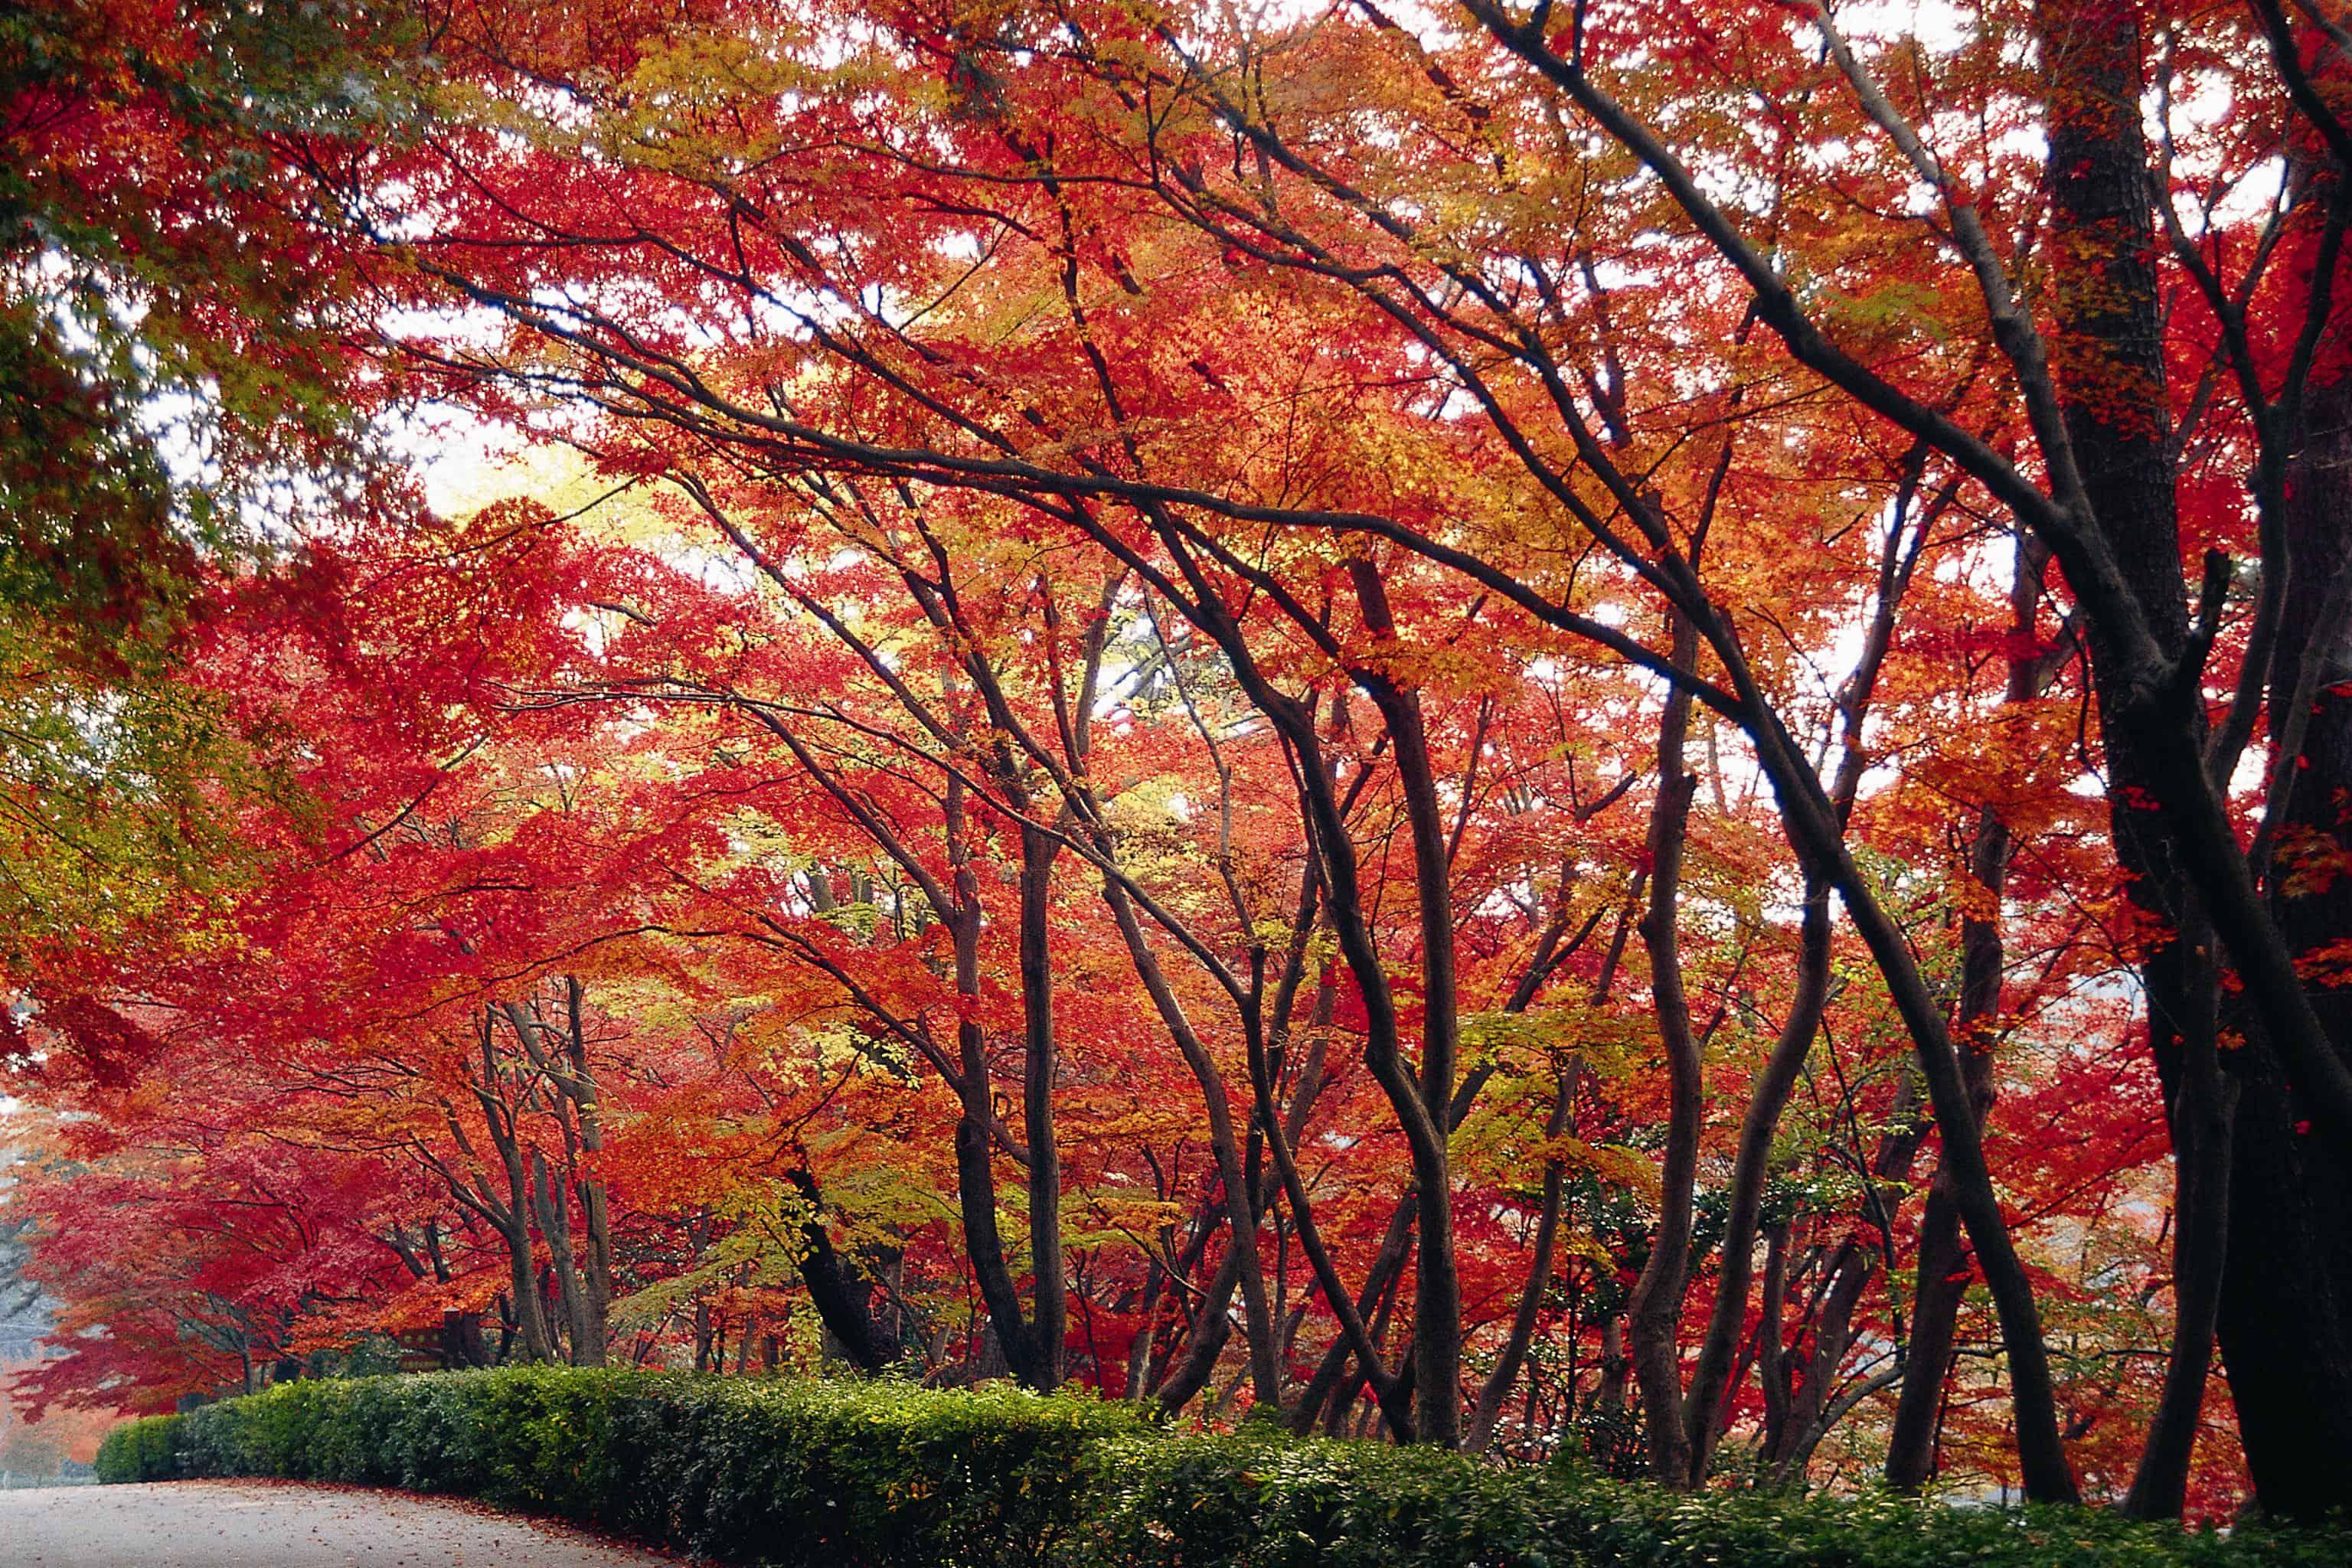 ฤดูใบไม้ร่วง ใบไม้เปลี่ยนสีที่กระจายอยู่ทั่วเมืองโอกาซากิ (Okazaki) เช่น สวนฮิกะชิ (Higashi Park)